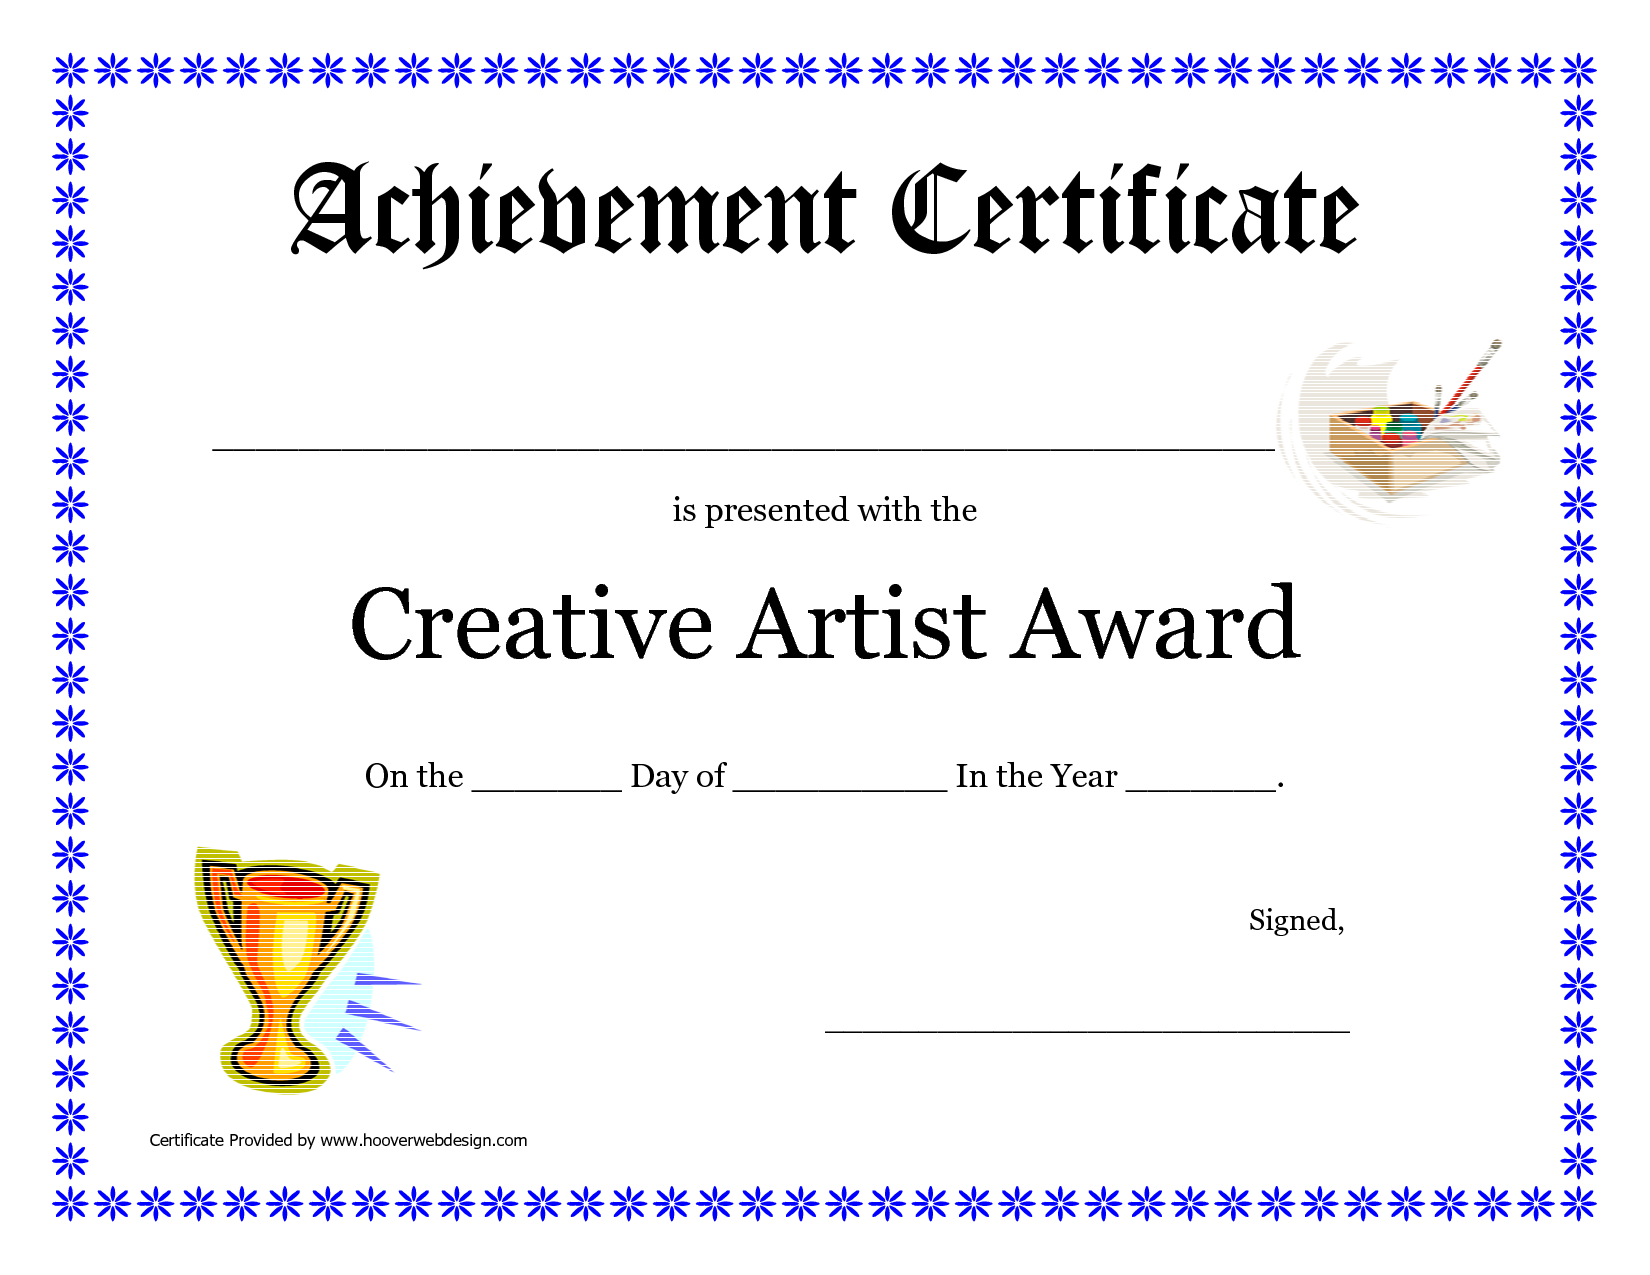 Creative Artist Award Printable Certificate Pdf CakepinsCom